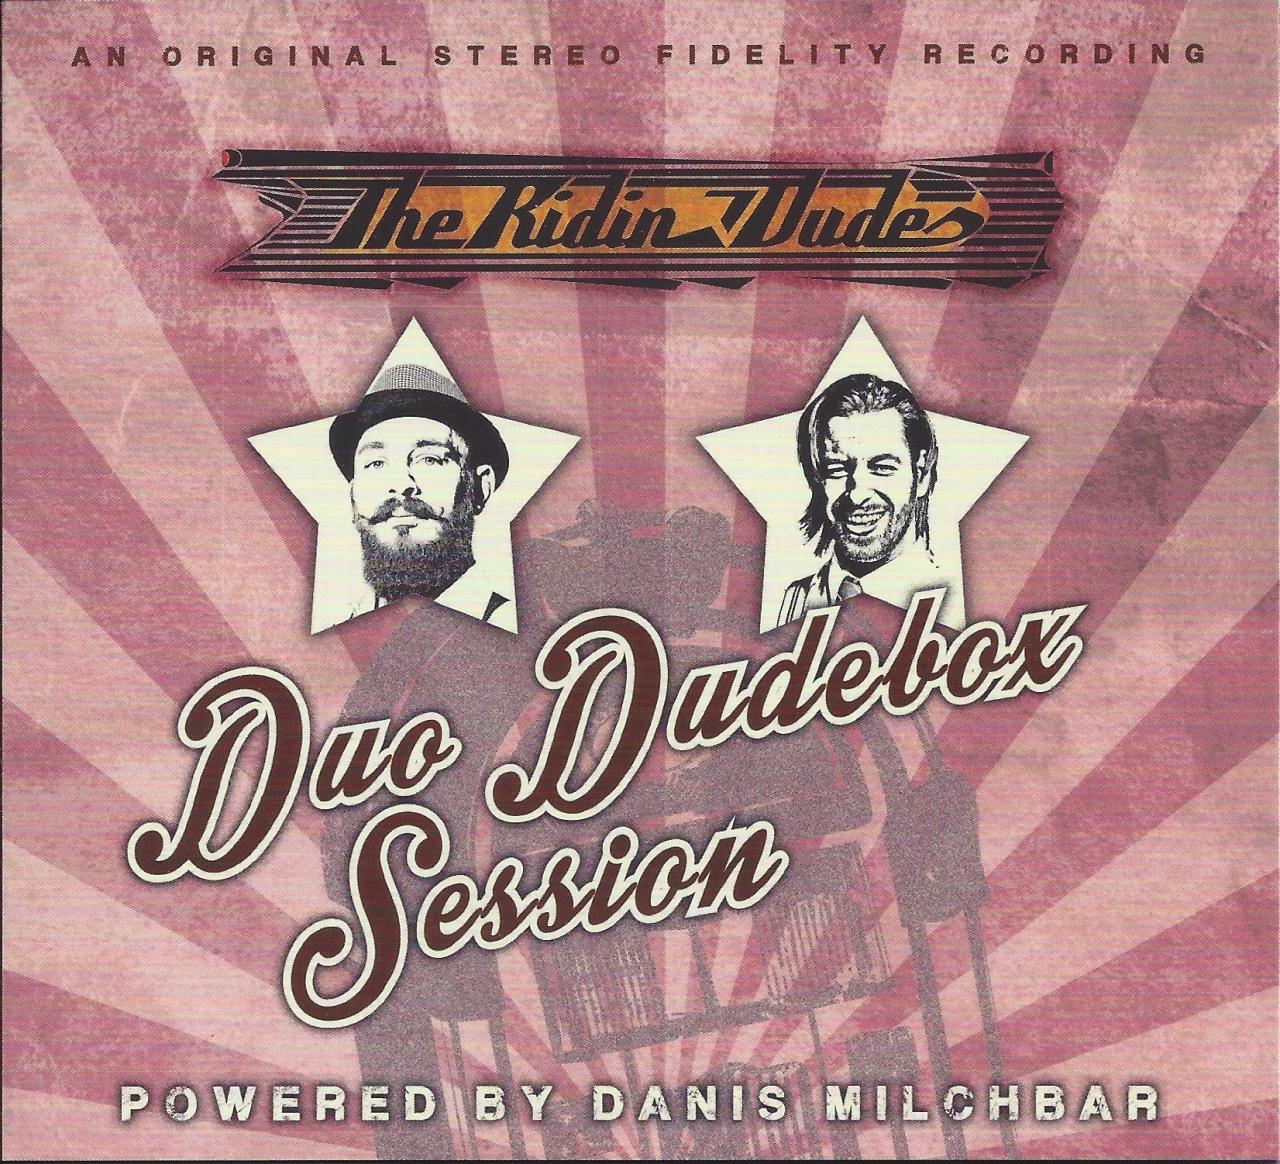 Duo Dudebox Session